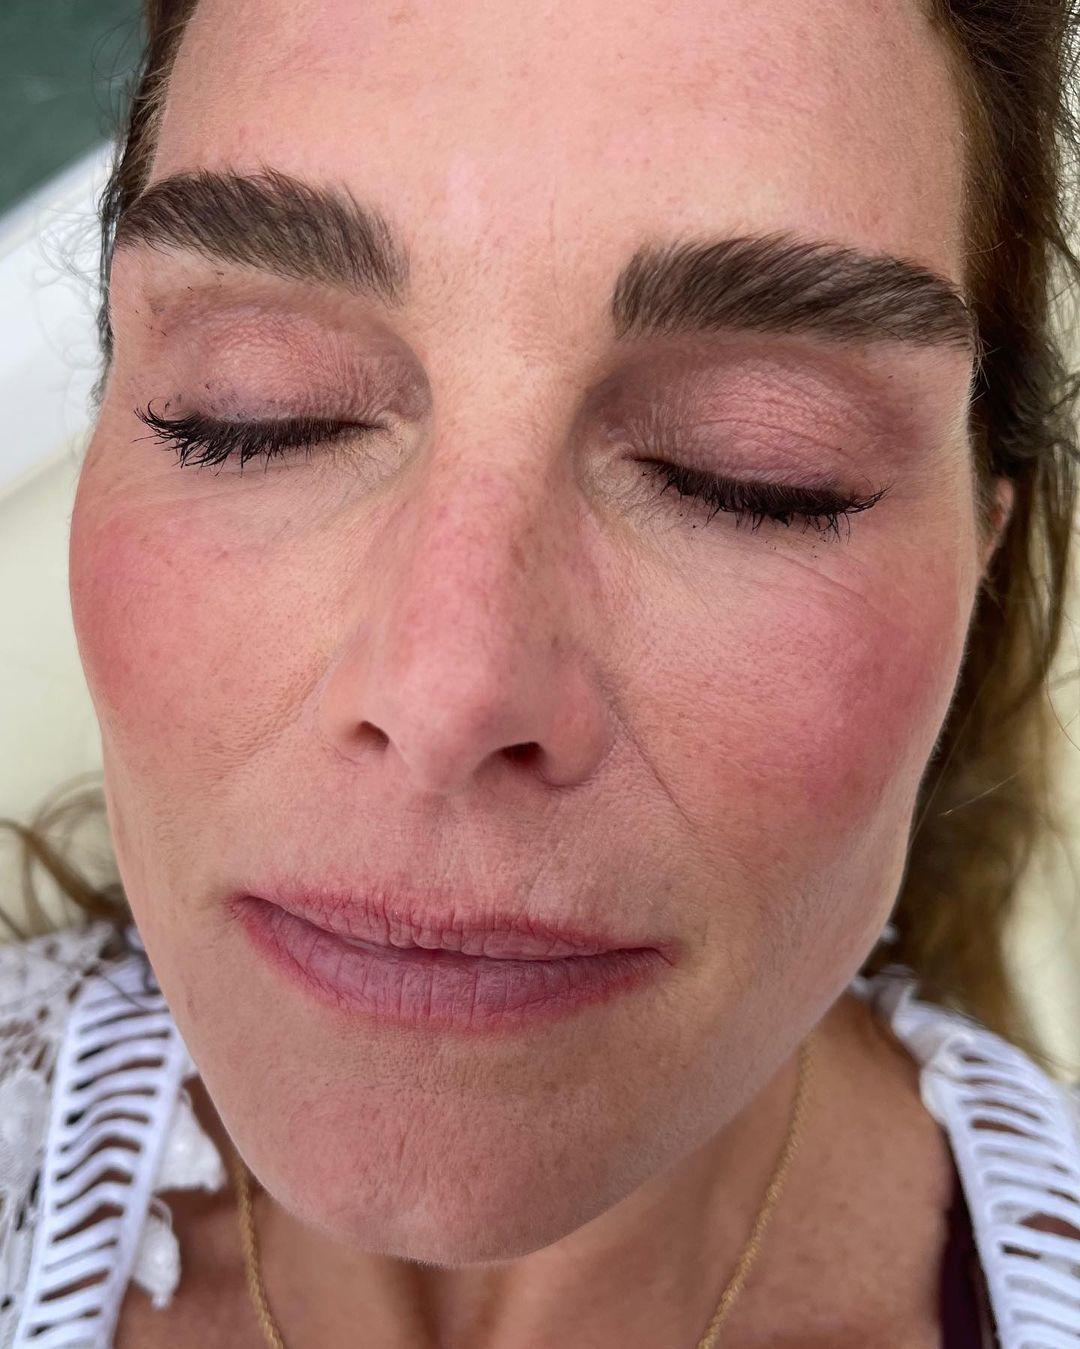 Después del laminado de cejas de Brooke Shields, el efecto más grueso de estas, más espeso y peinado cambia el rostro y la mirada por completo.